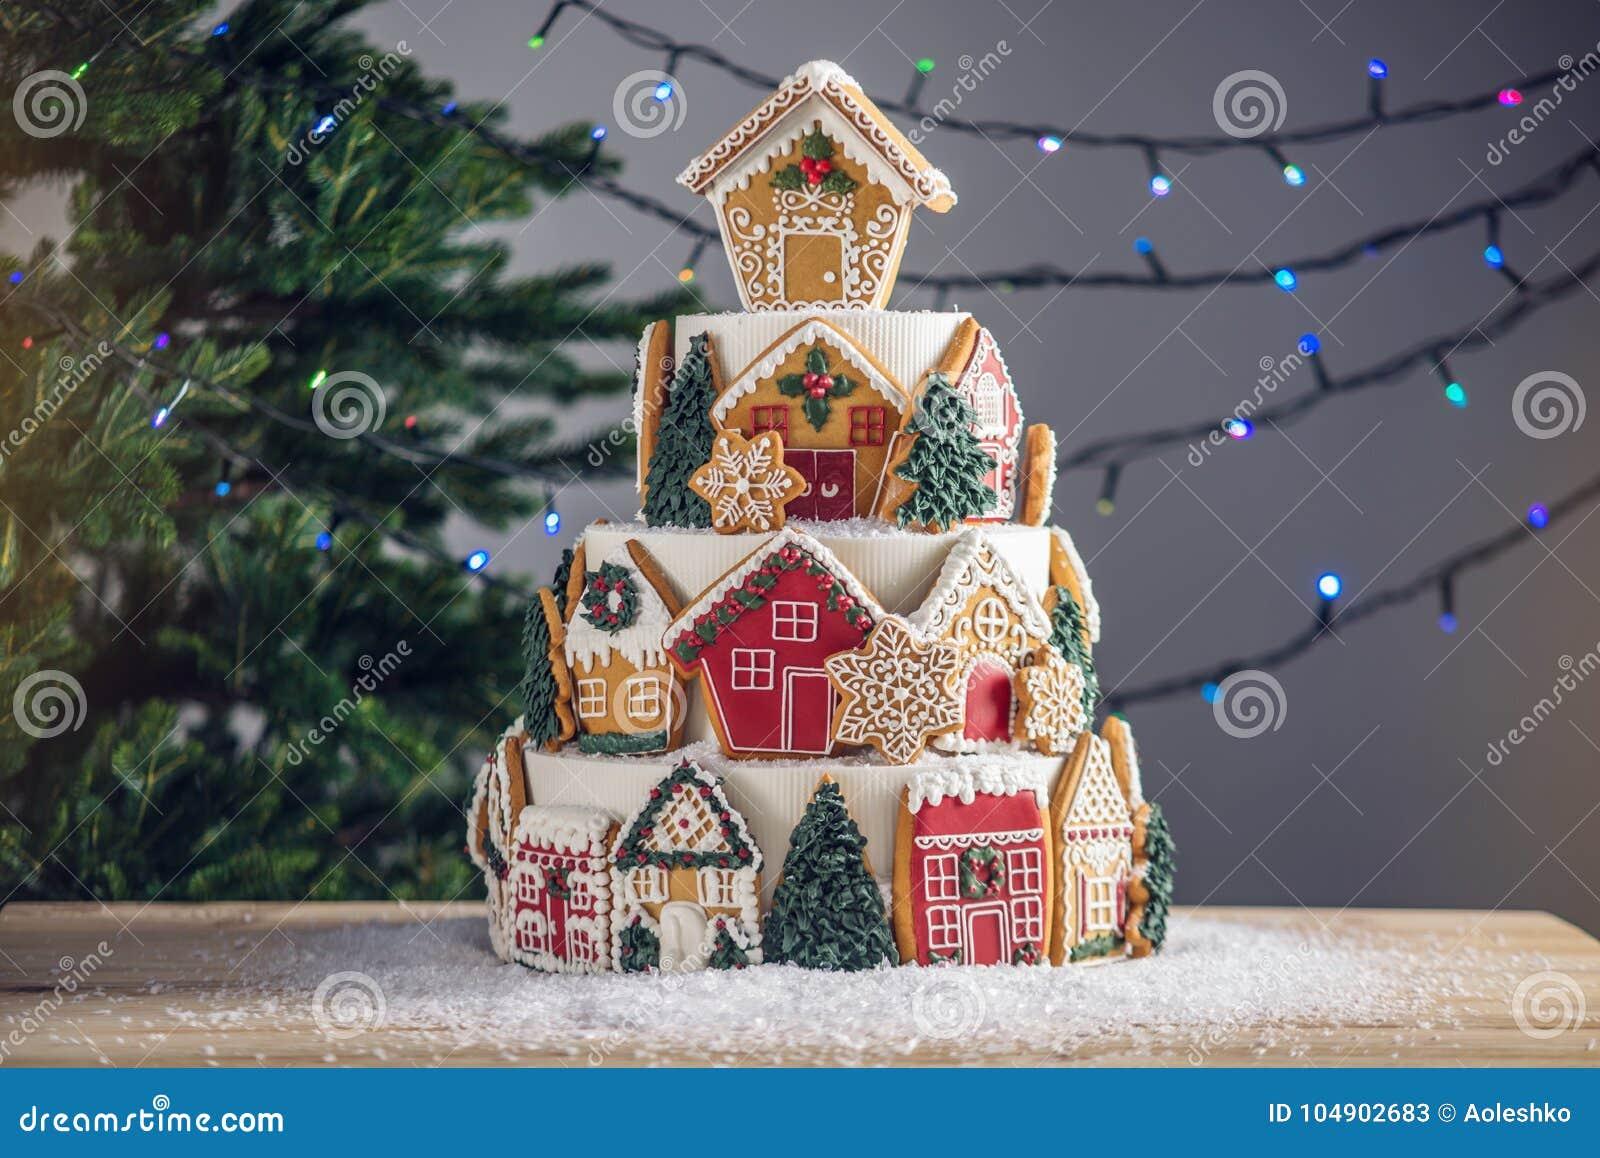 Großer abgestufter Weihnachtskuchen verziert mit Lebkuchenplätzchen und ein Haus auf die Oberseite Baum und Girlanden im Hintergr